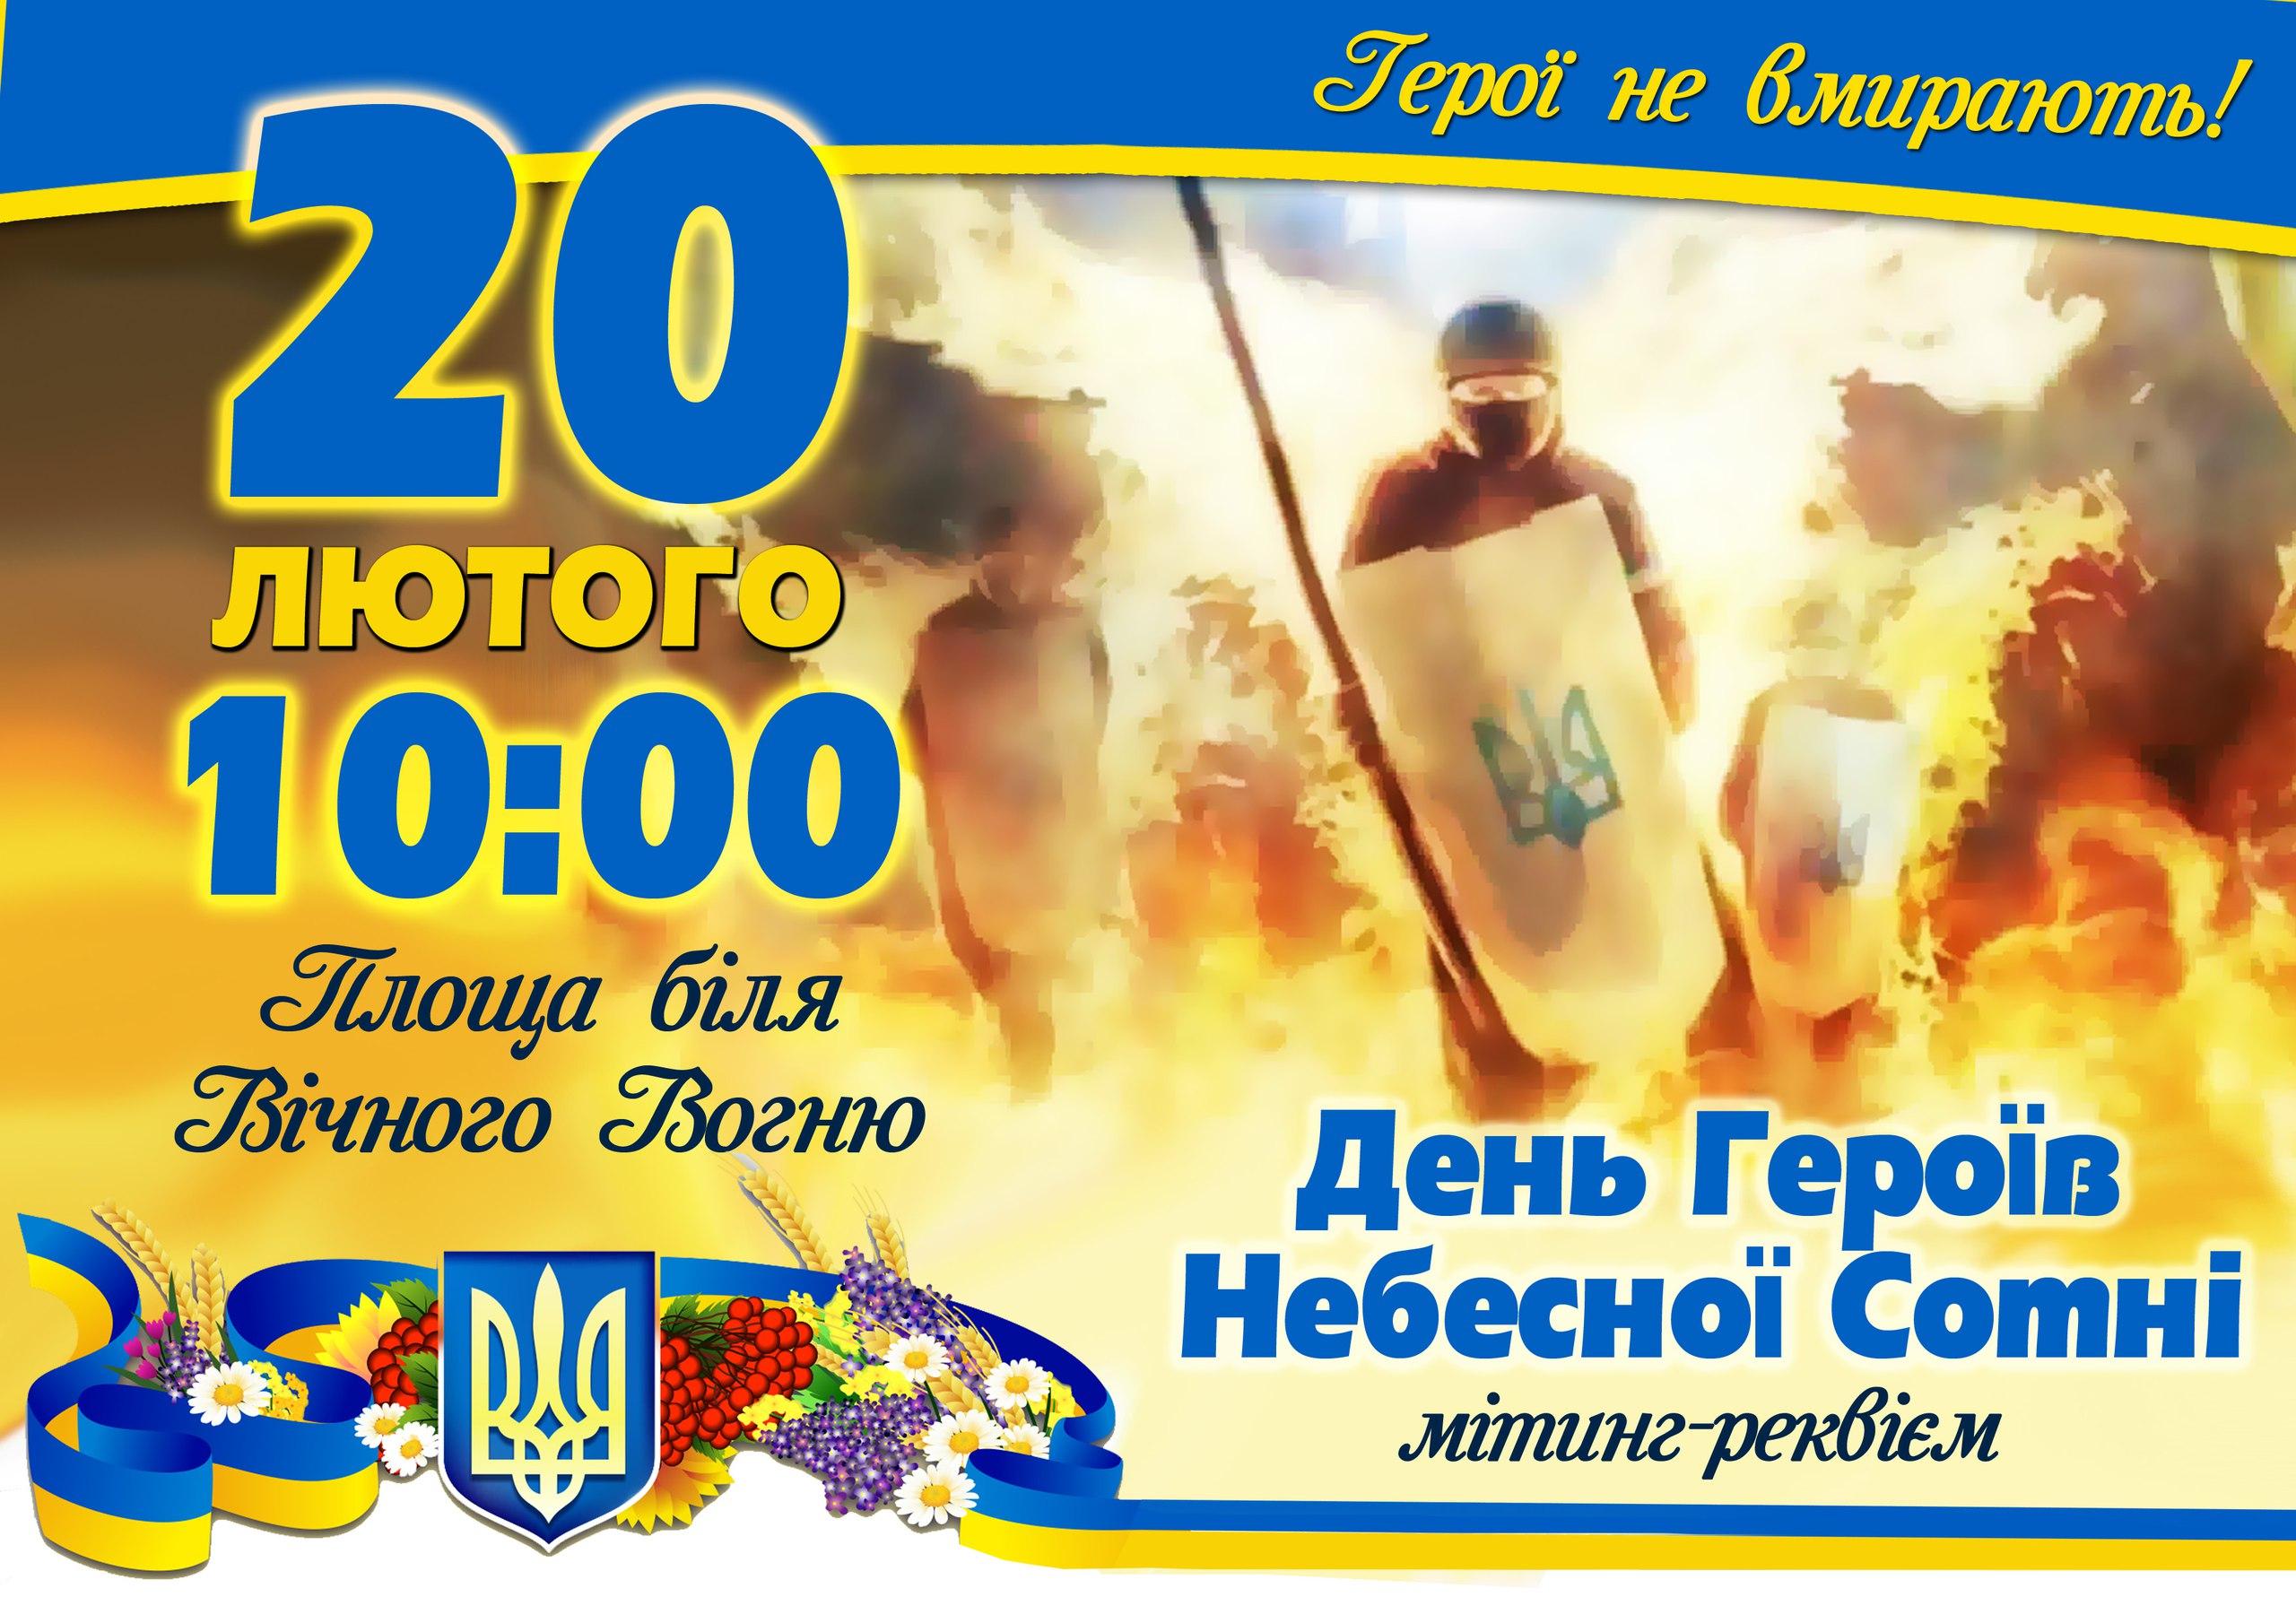 В Голій Пристані відбудеться мітинг-реквієм до Дня Героїв Небесної Сотні